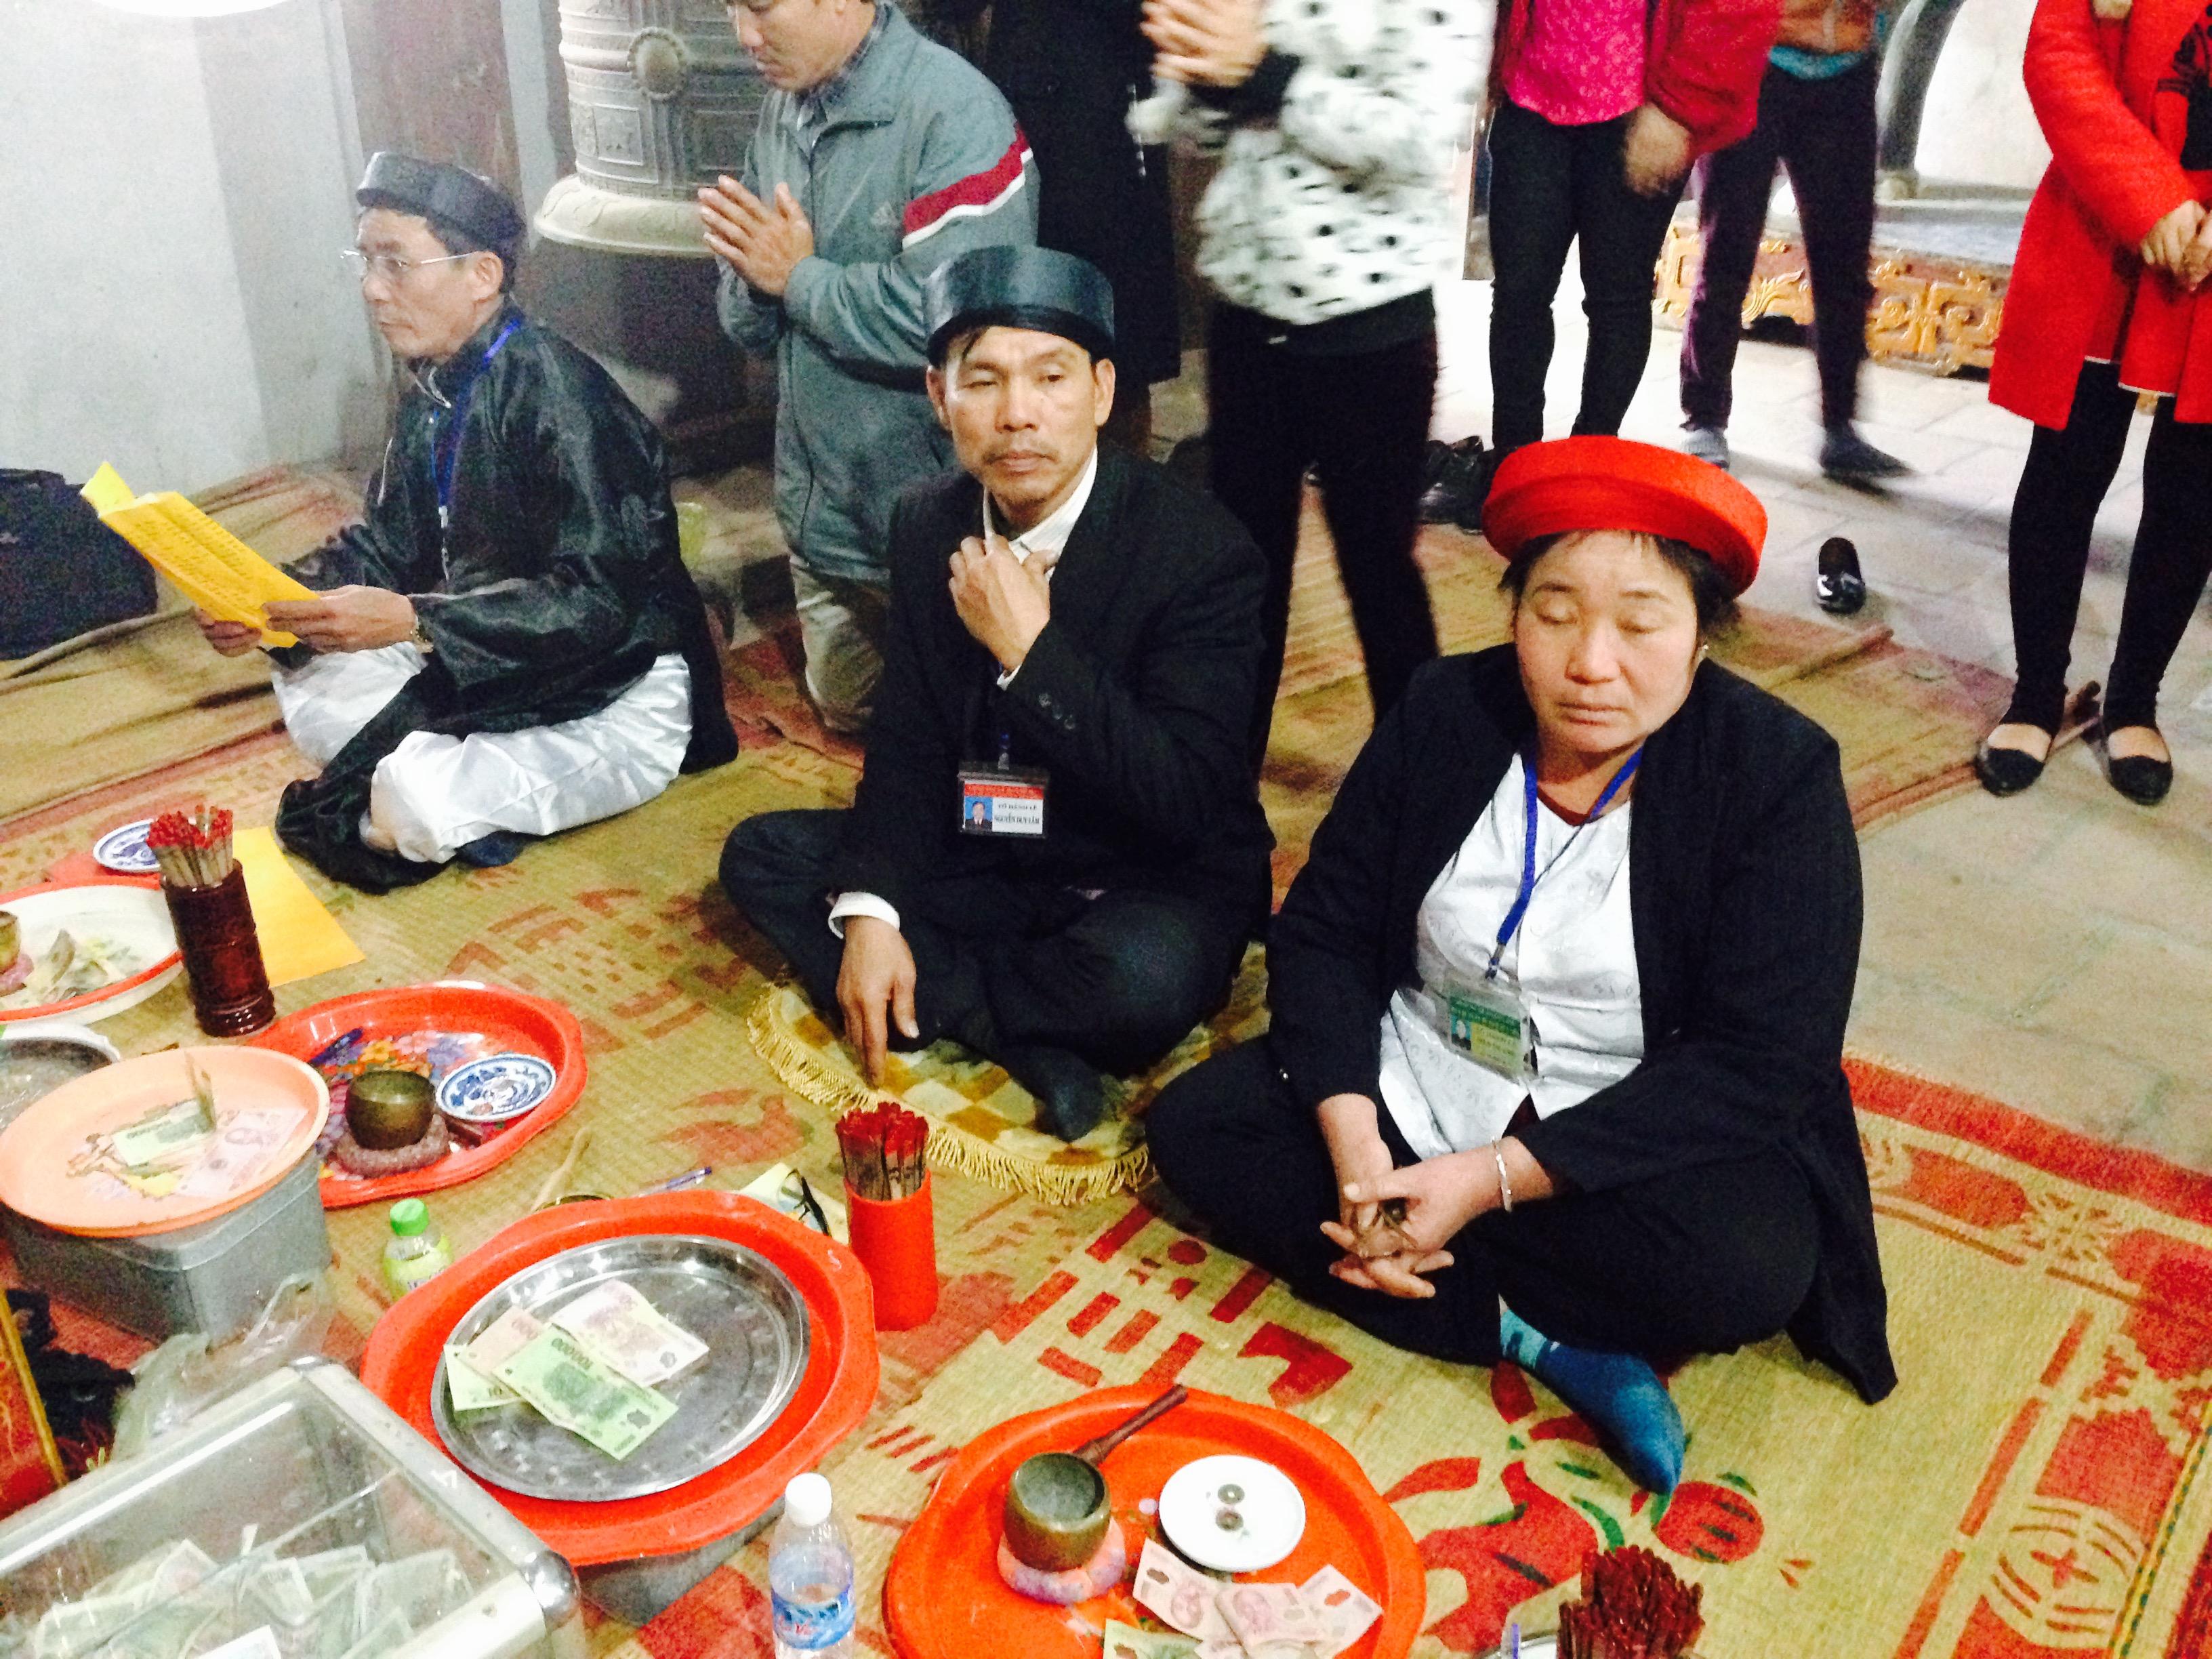 Phản cảm cảnh lễ bái lộn xộn tại ngôi đền nổi tiếng linh thiêng đất Nghệ 9